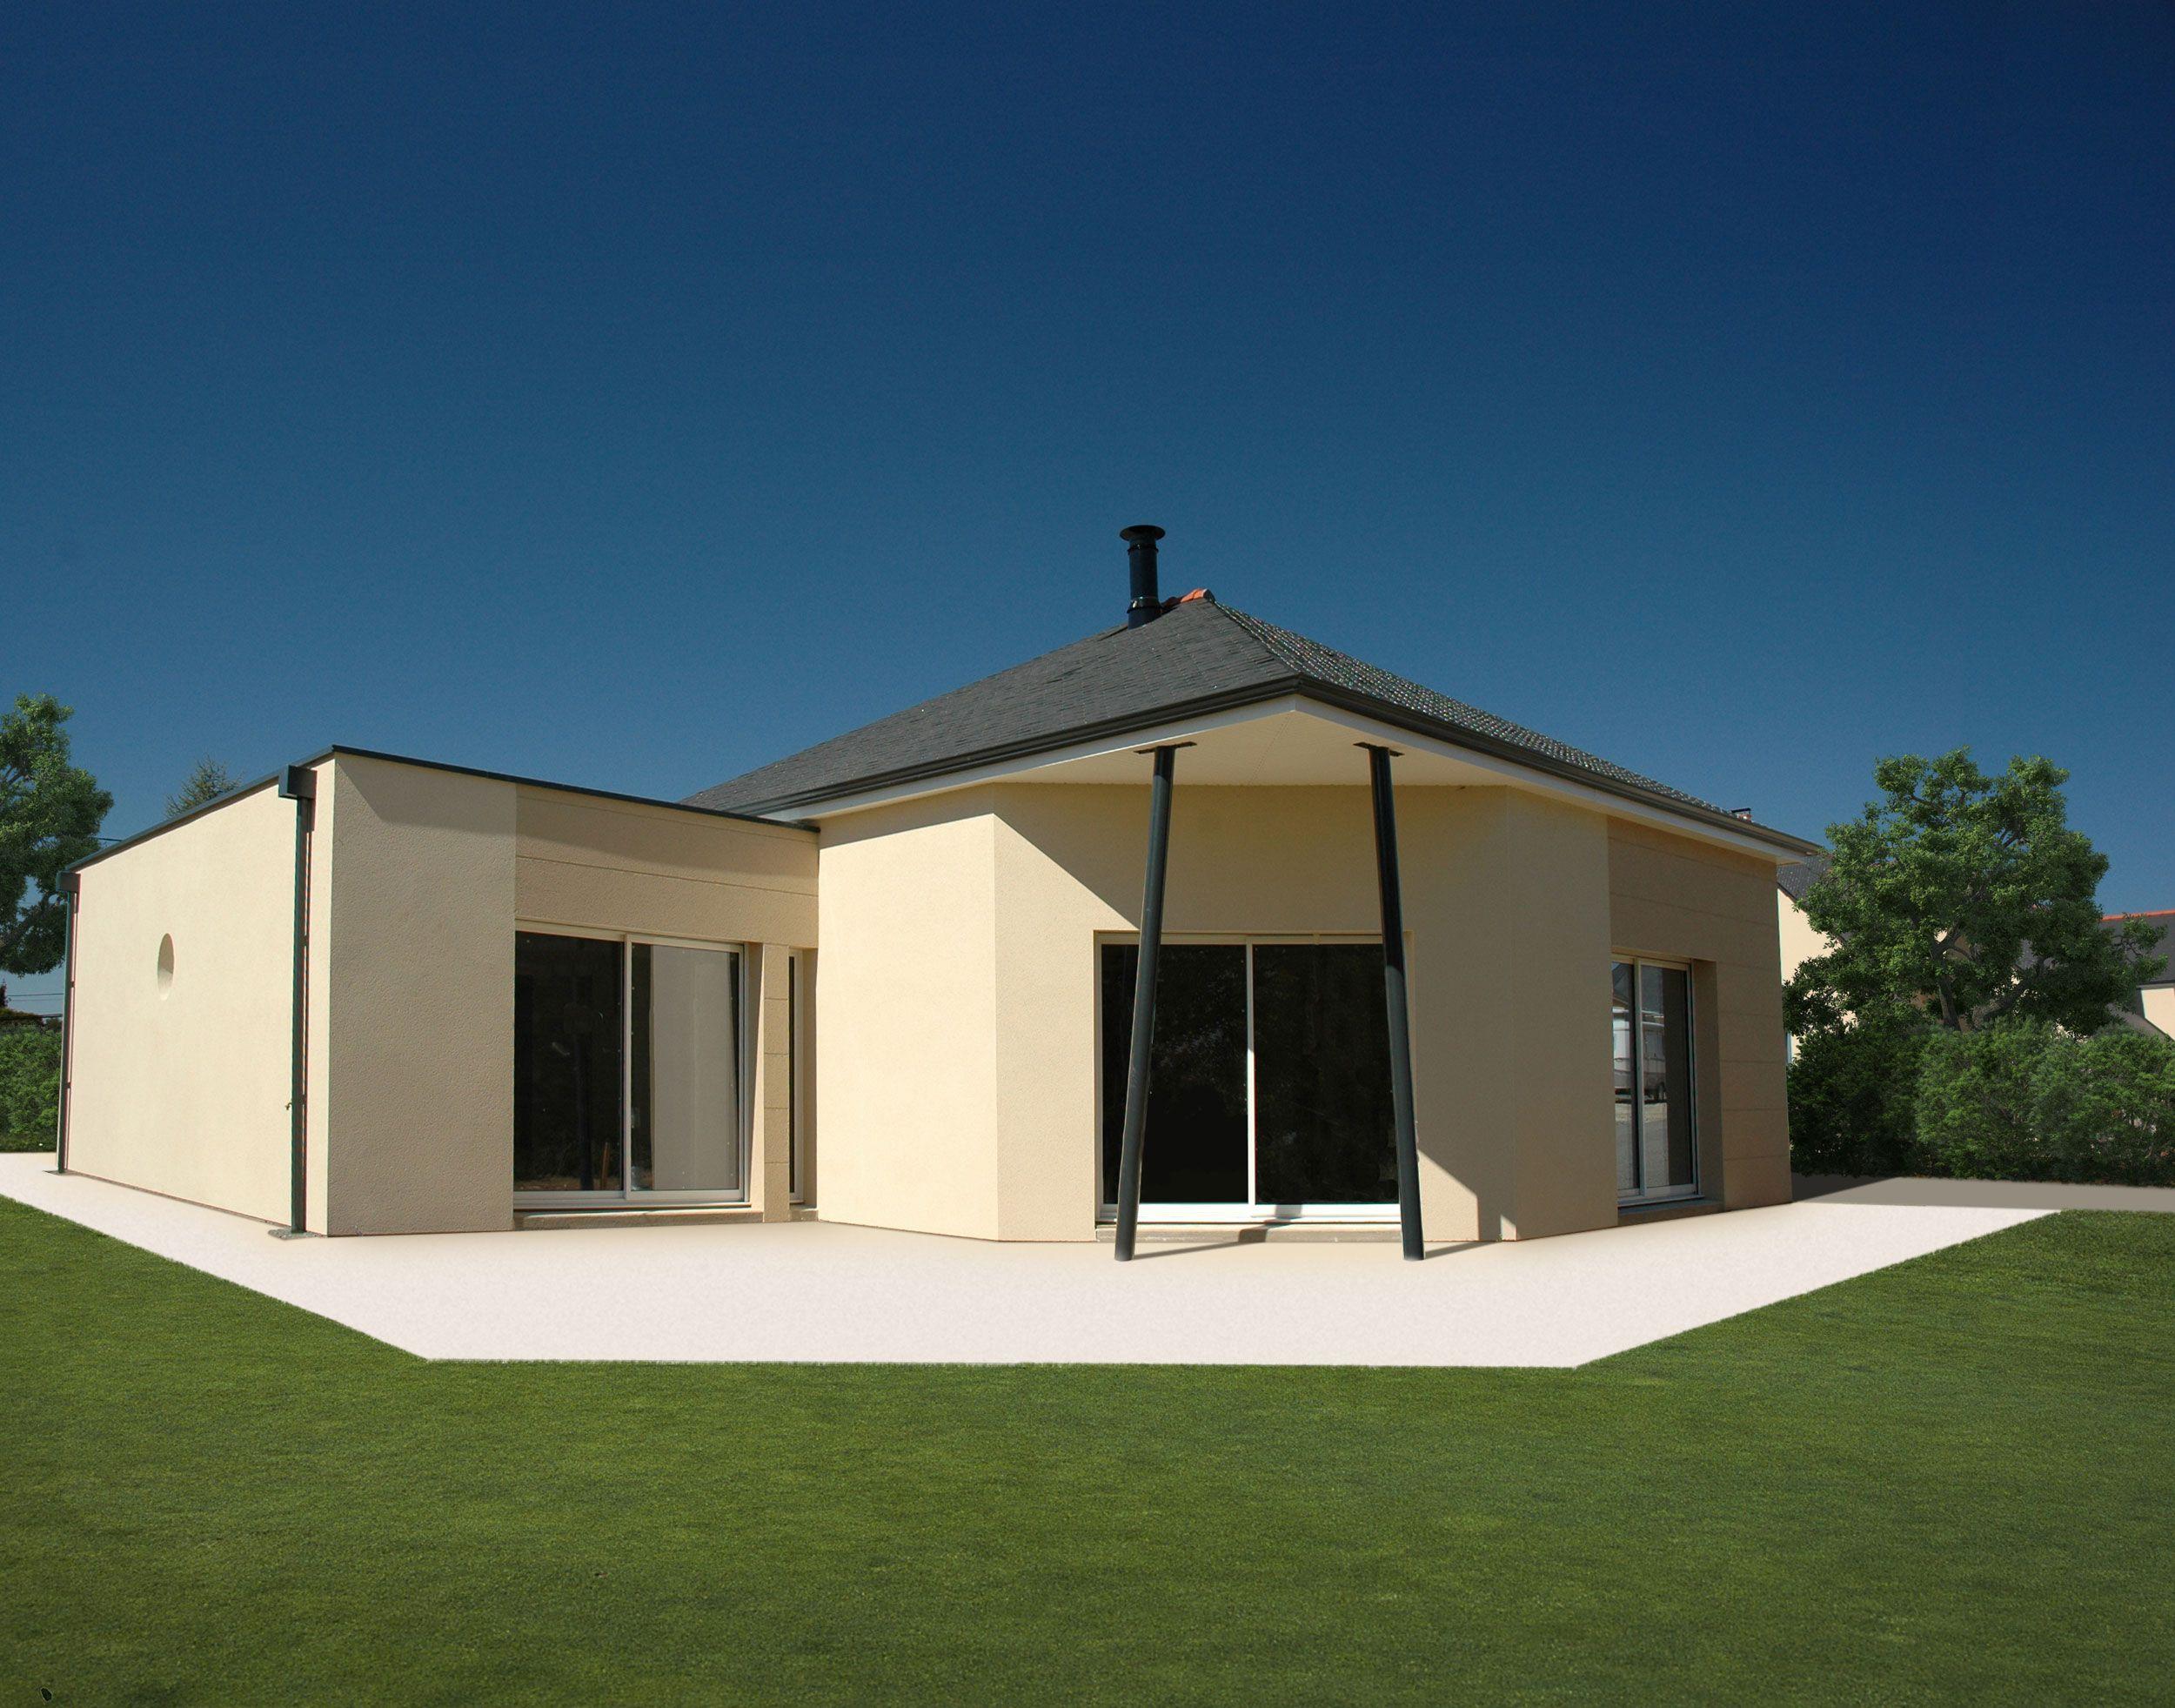 Maison avec un toit en pointe de diamant